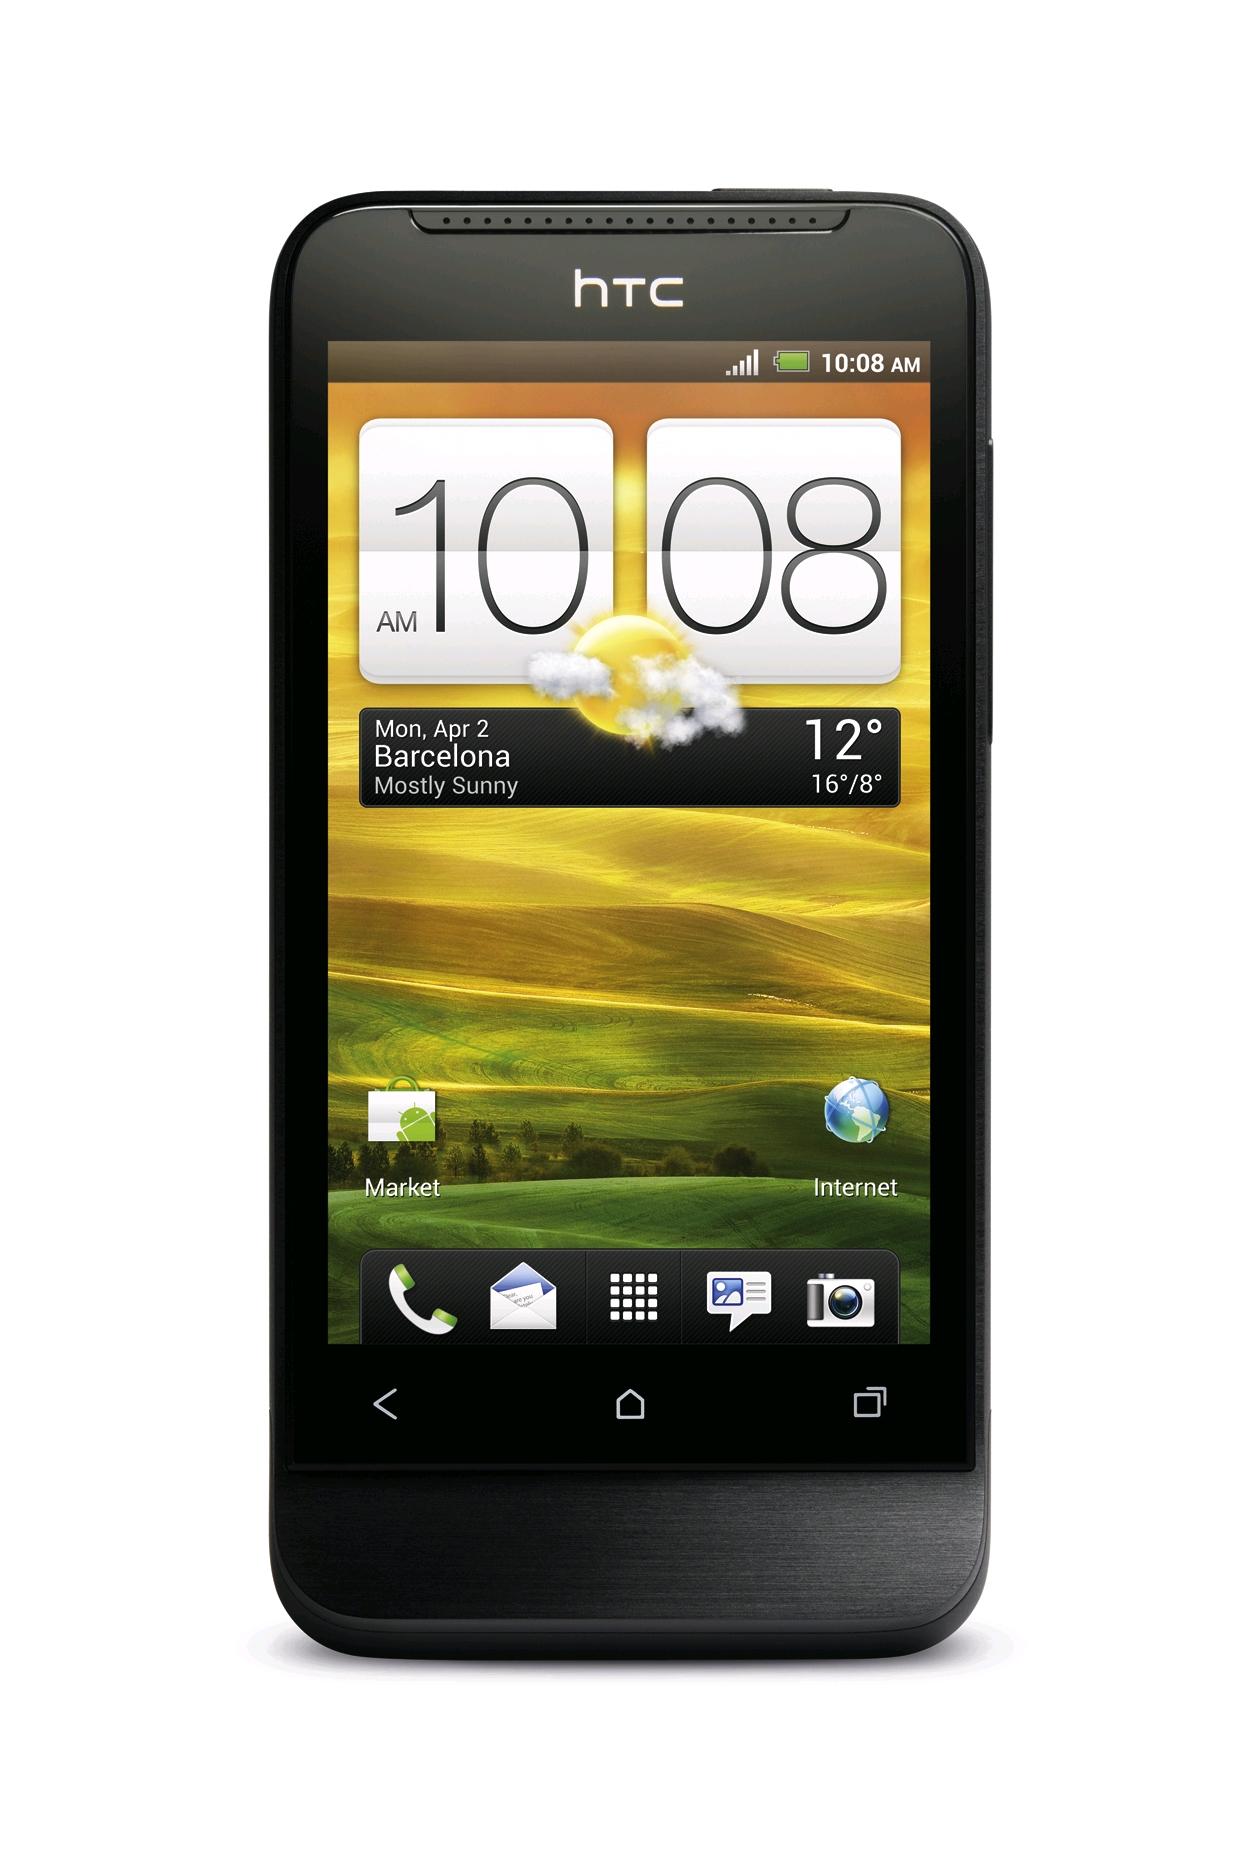 """HTC One V - nowy smartphone z 3,7"""" ekranem S-LCD i Android 4.0 w sprzeda�y"""